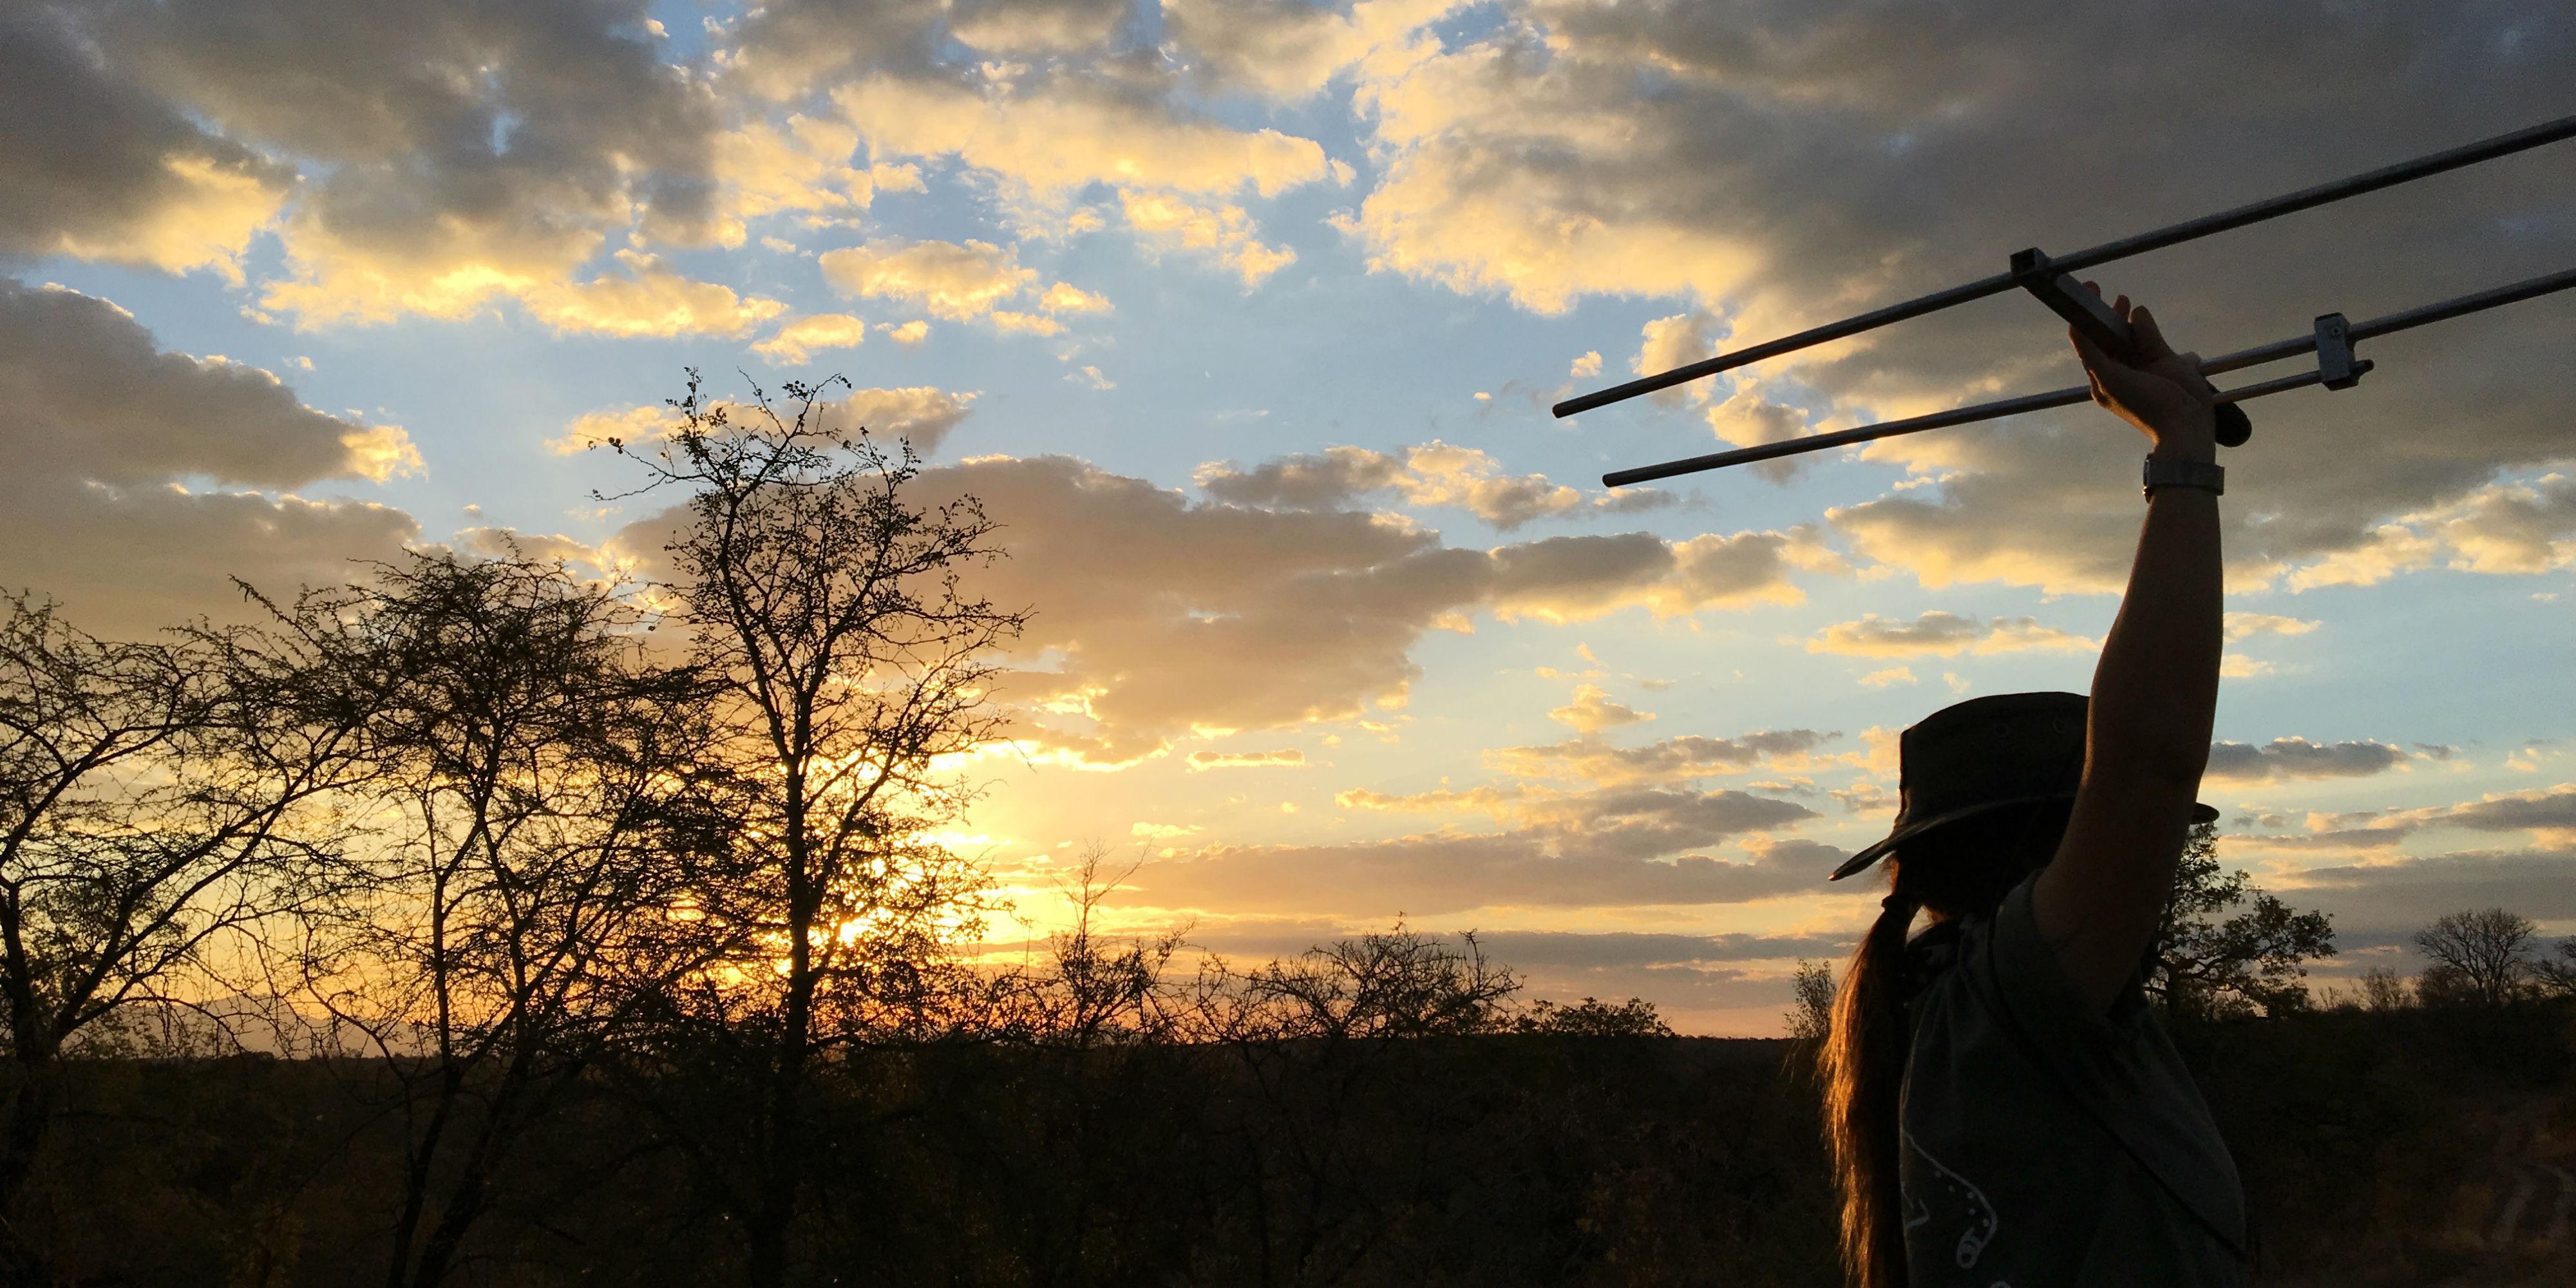 volunteer south africa wildlife